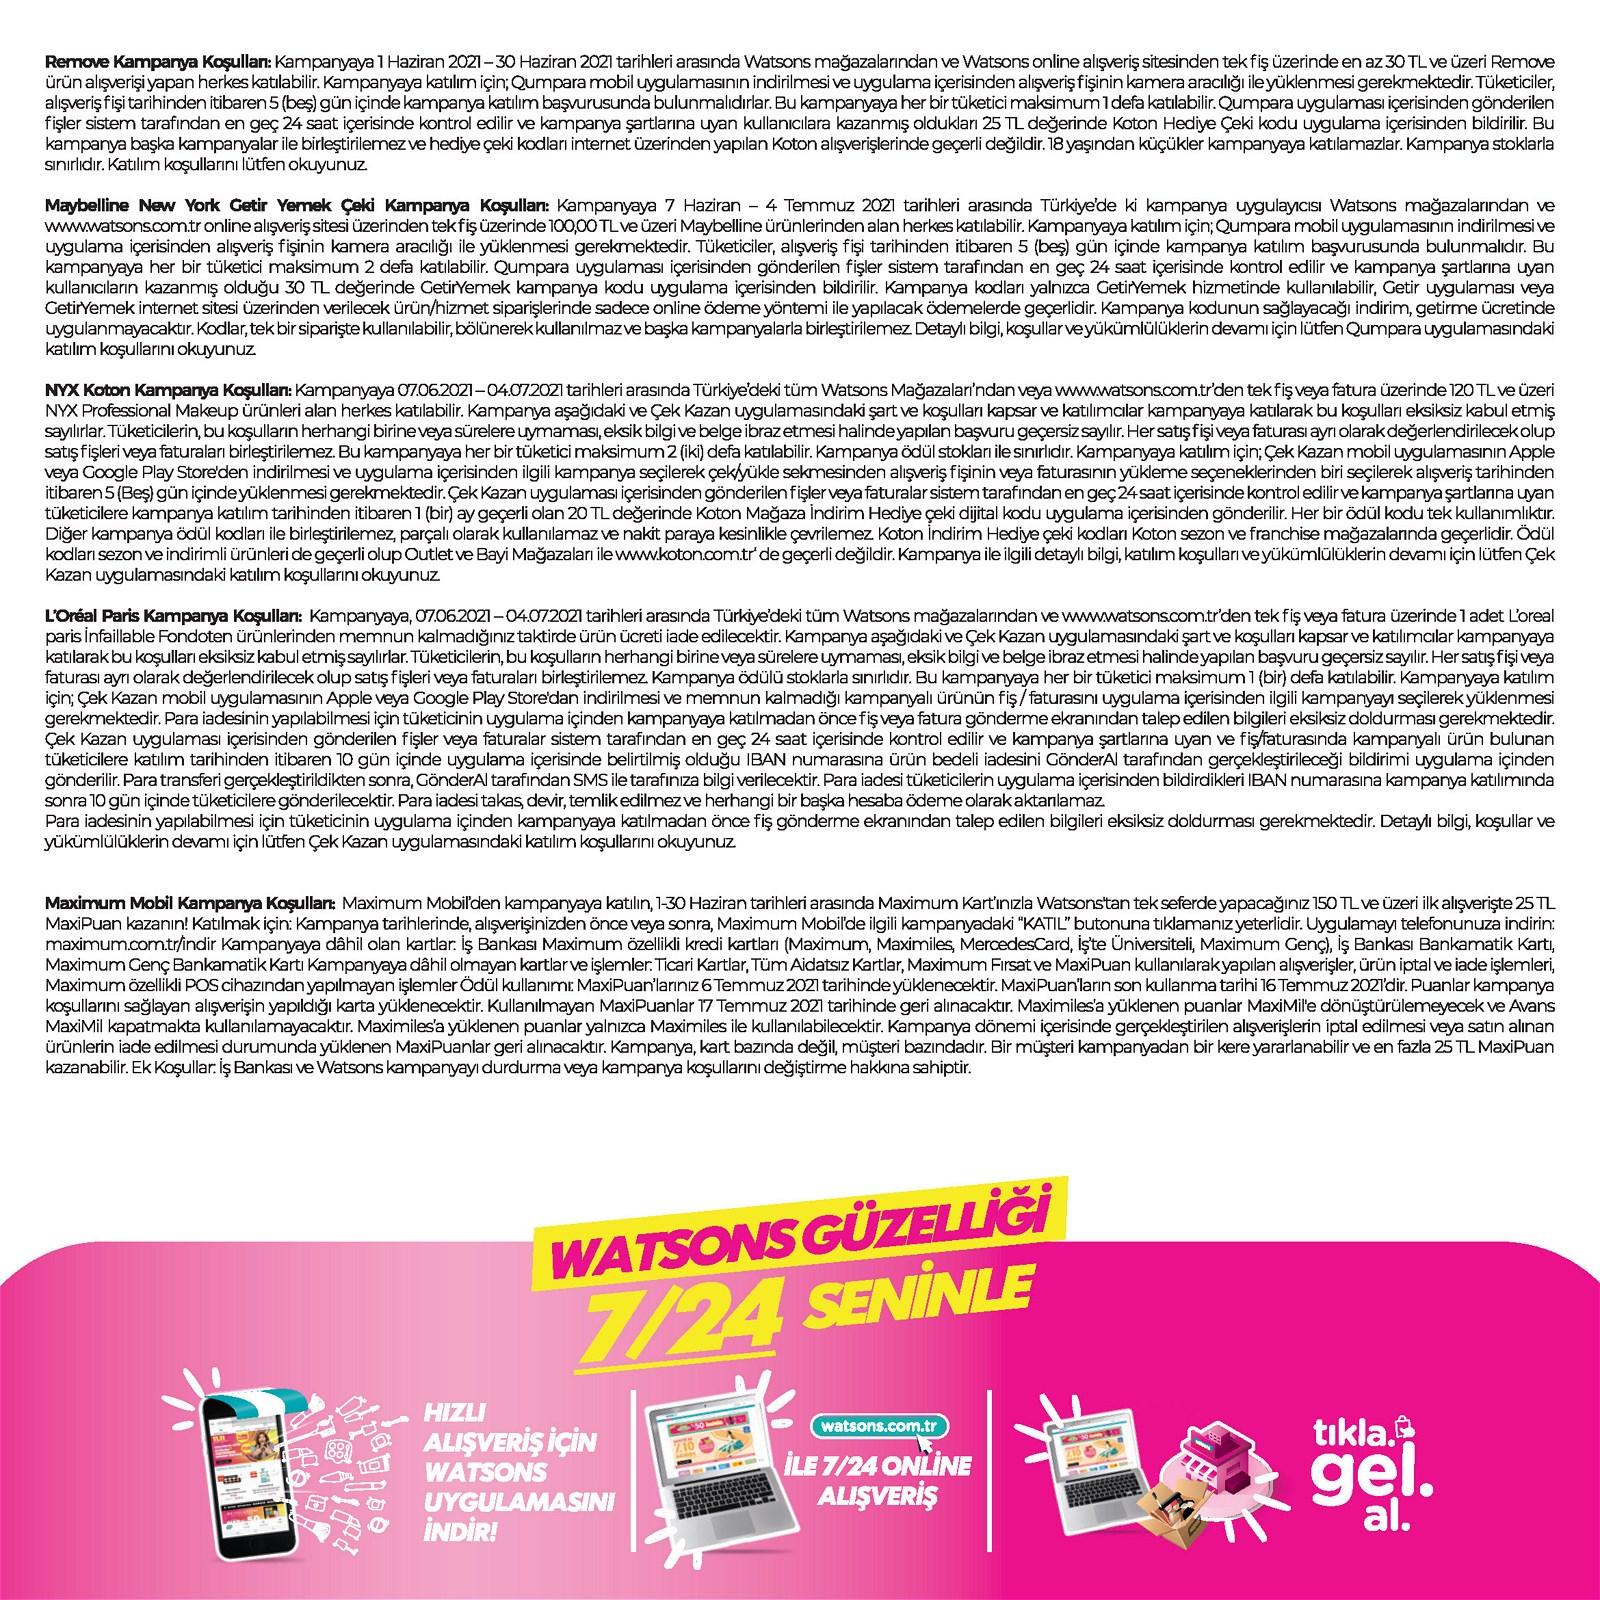 07.06.2021 Watsons broşürü 51. sayfa